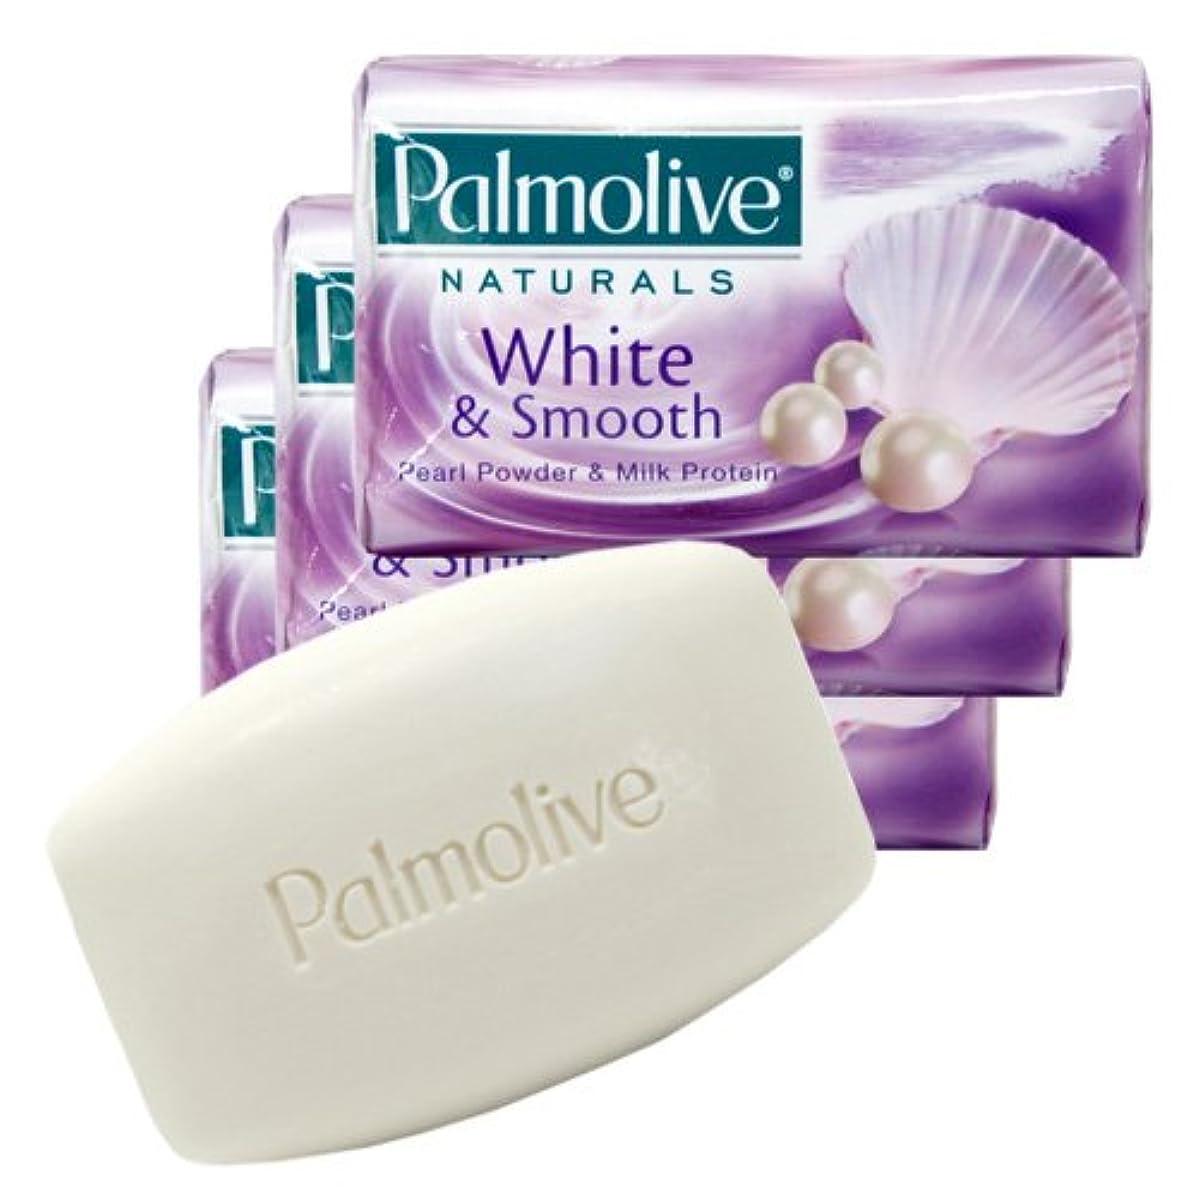 ラベル貢献甘くする【Palmolive】パルモリーブ ナチュラルズ石鹸3個パック ホワイト&スムース(パールパウダー&ミルクプロテイン)80g×3